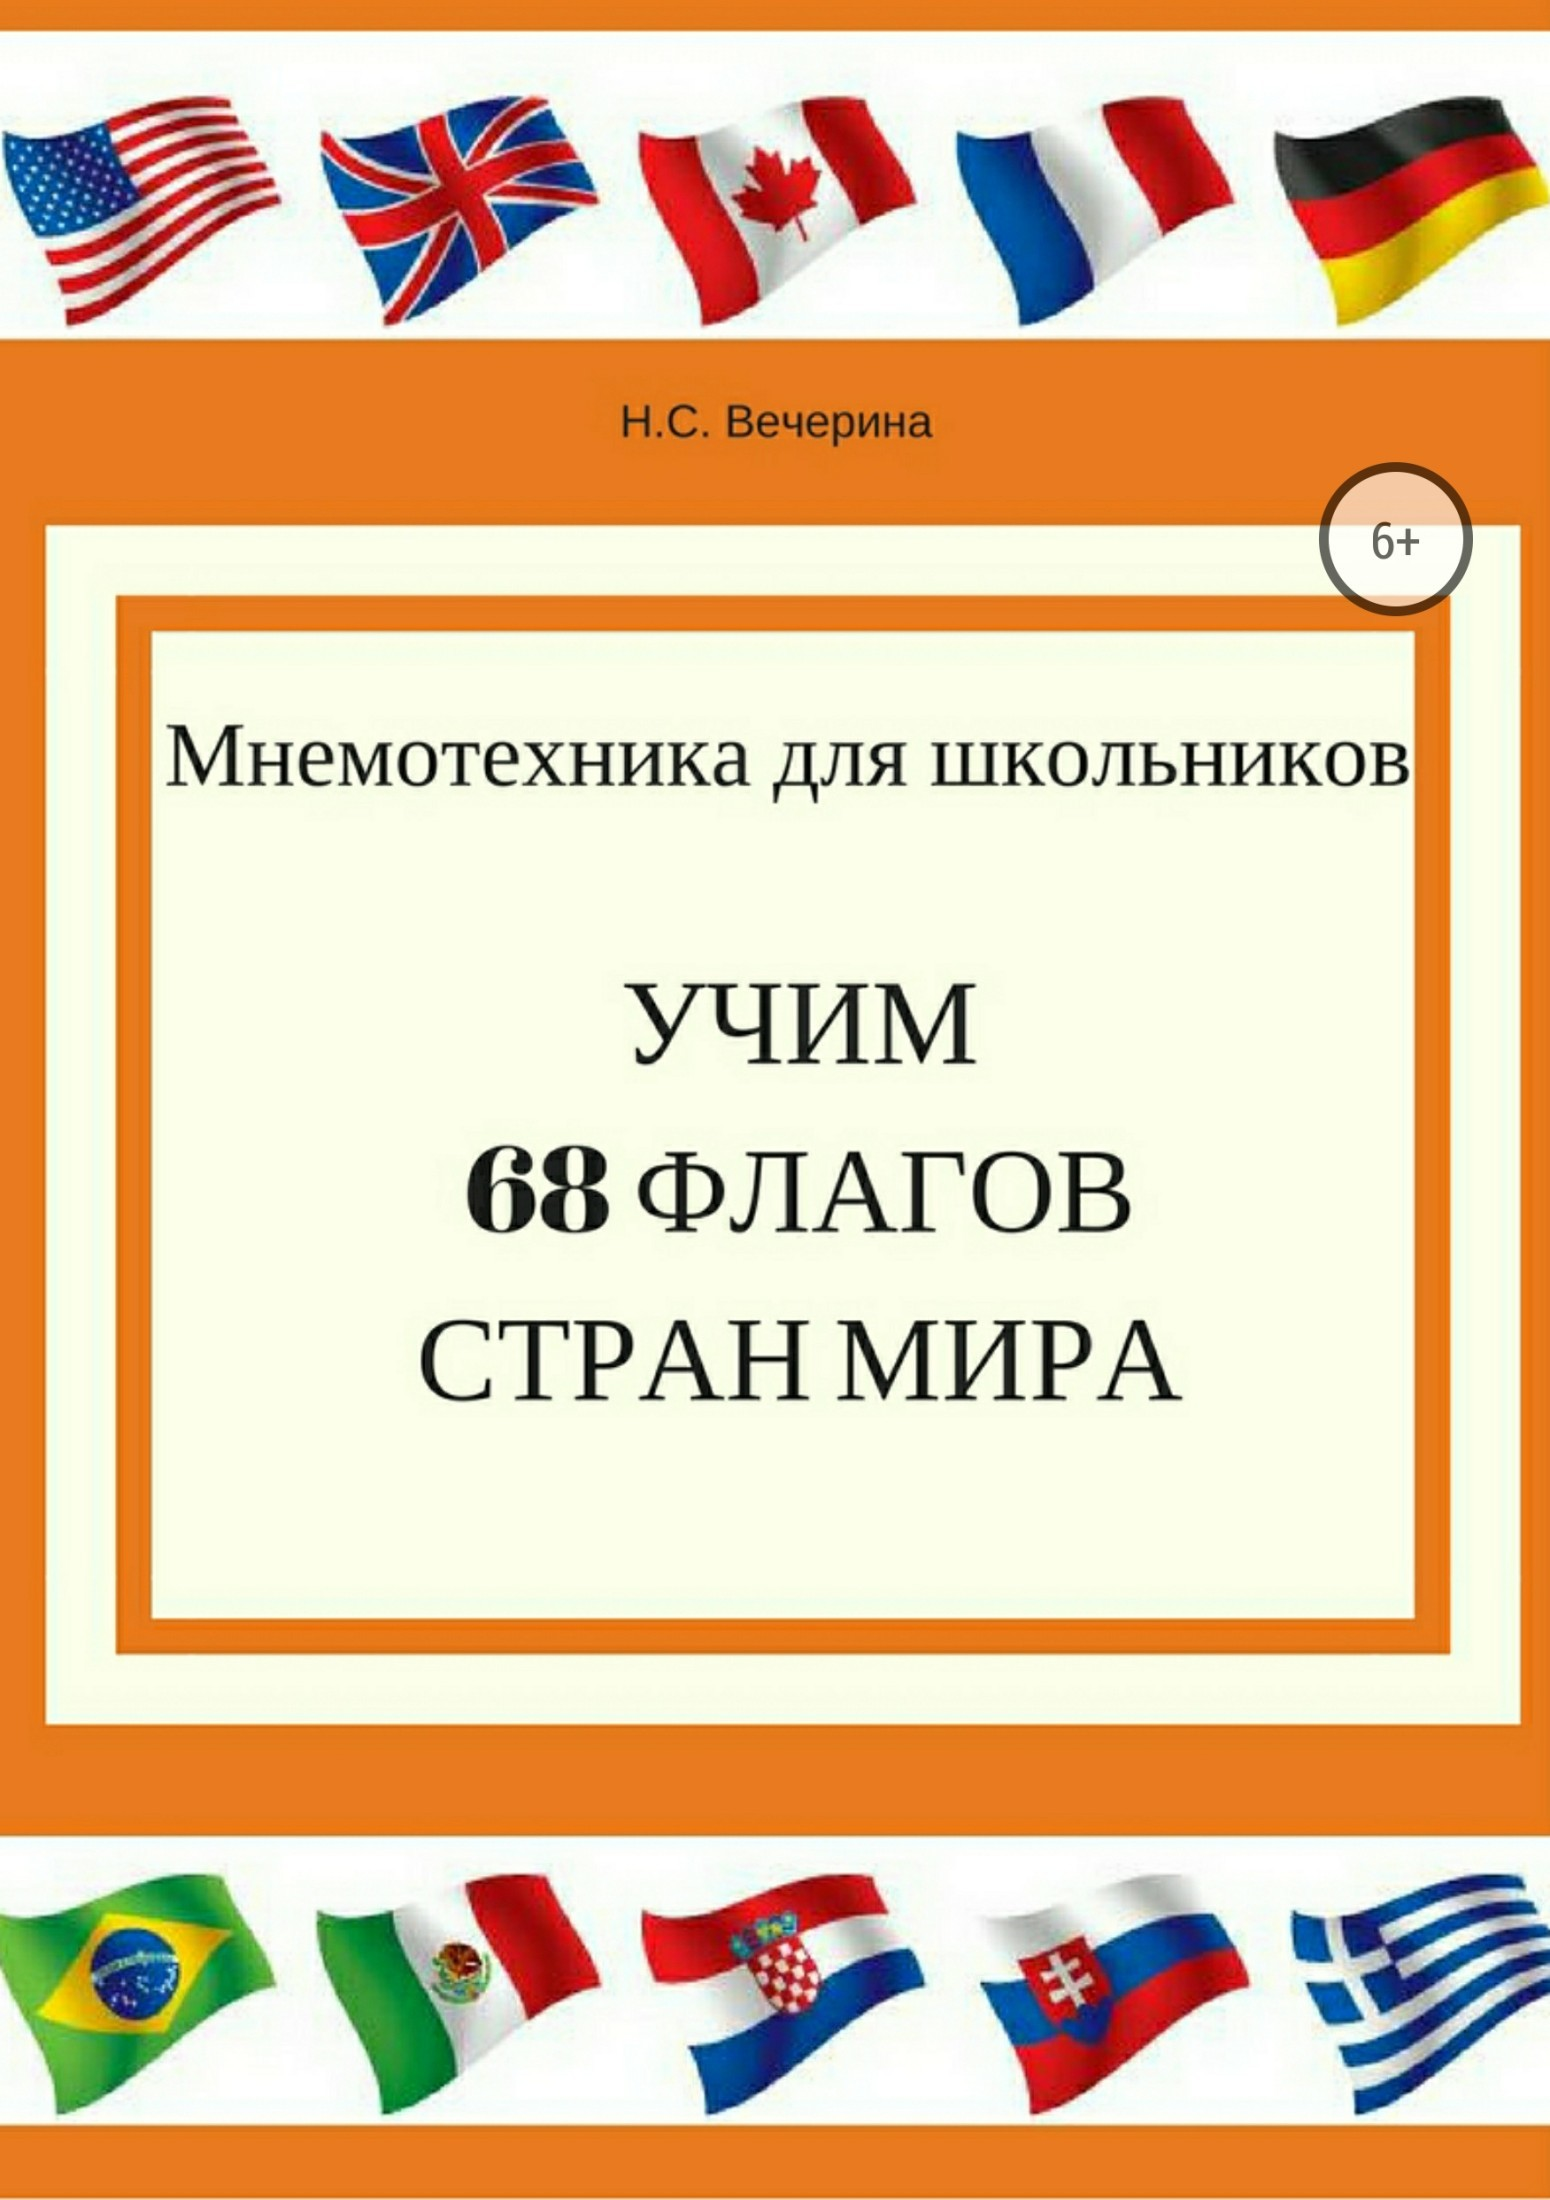 Наталья Сергеевна Вечерина Мнемотехника для школьников. Учим 68 флагов мира